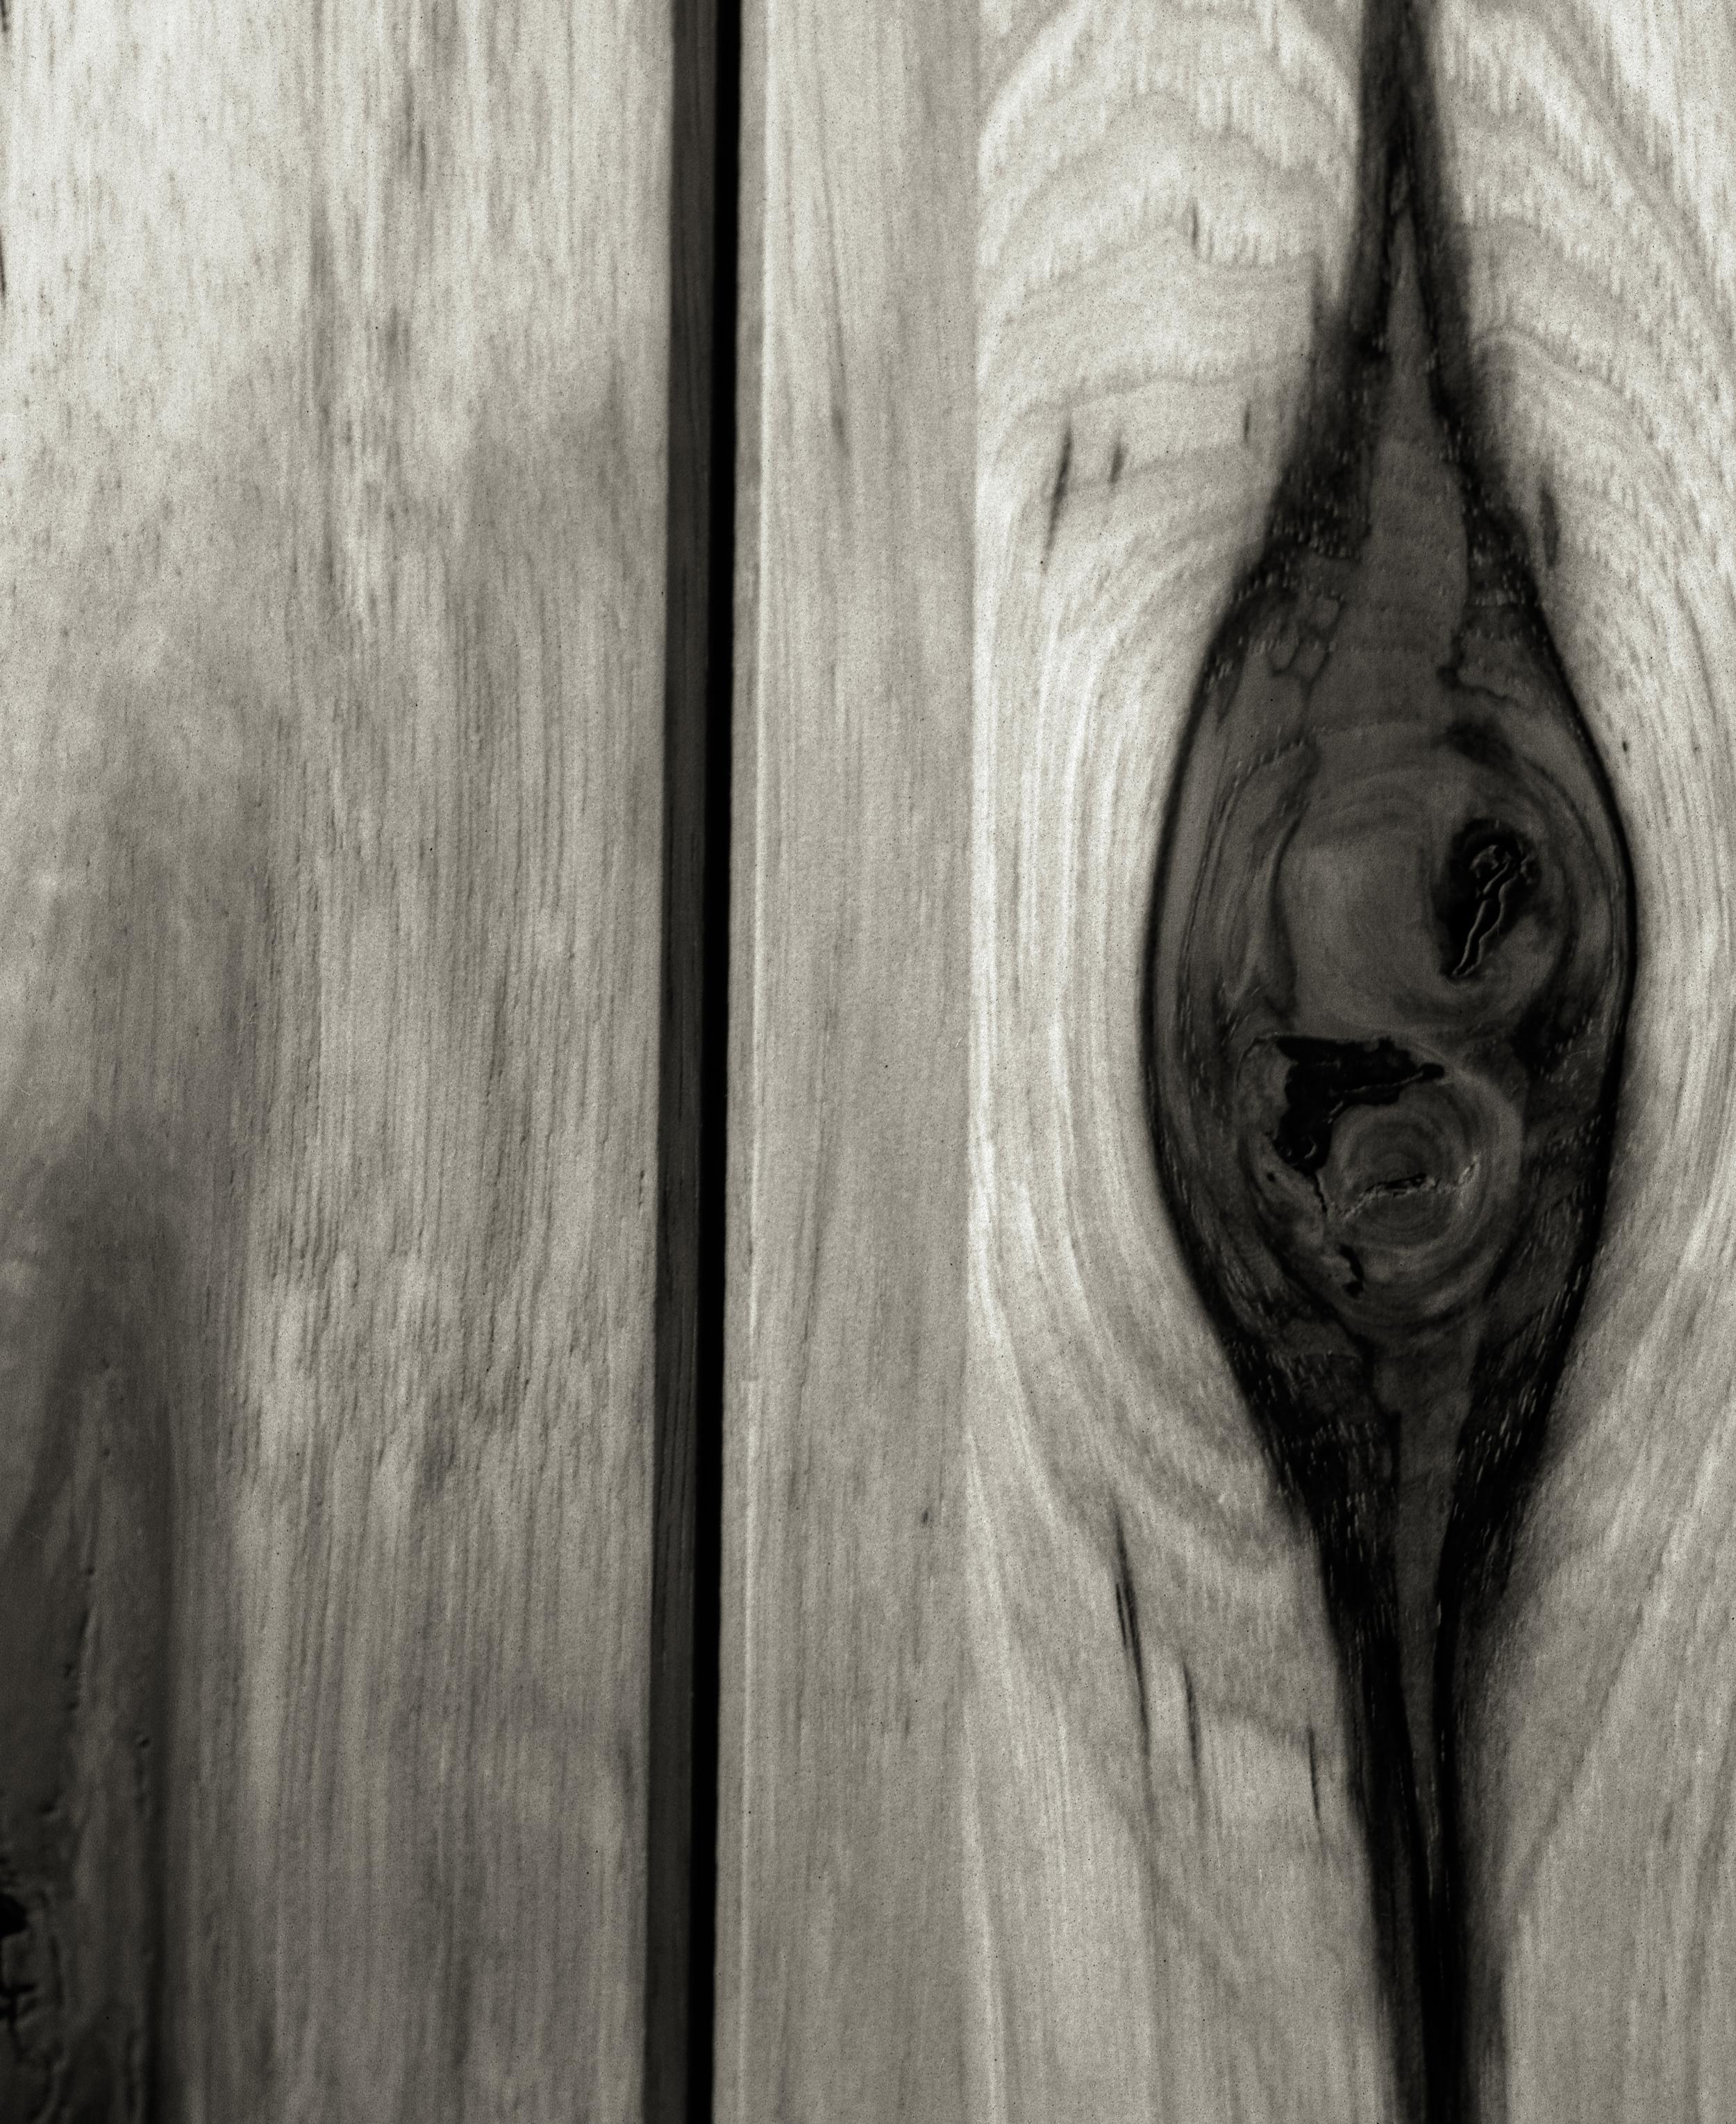 4x5_for_365_project_027_Kitchen_Cabinet_Door.jpg